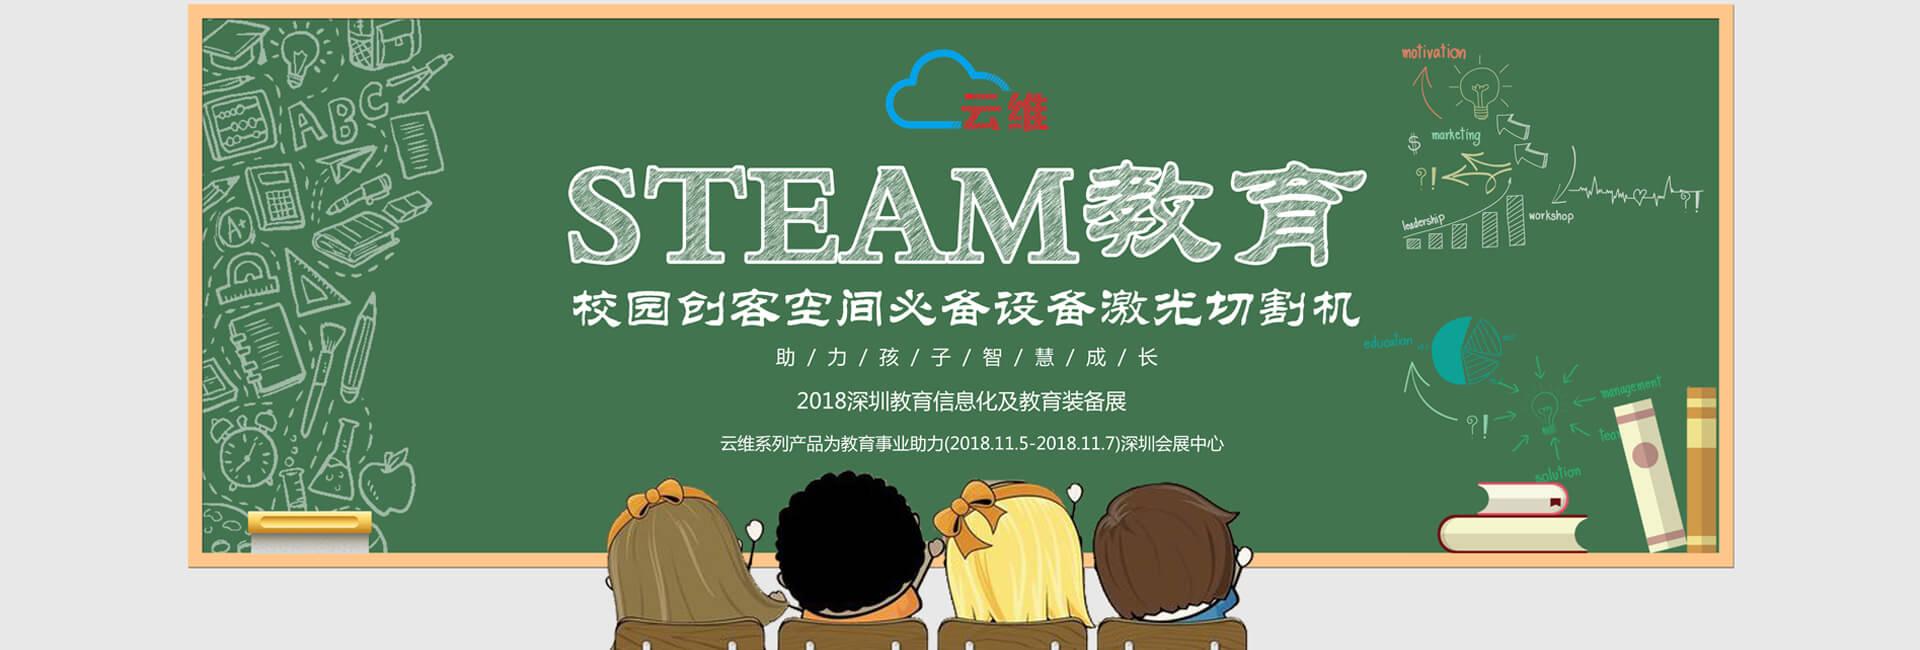 2018深圳教育信息化及教育装备展